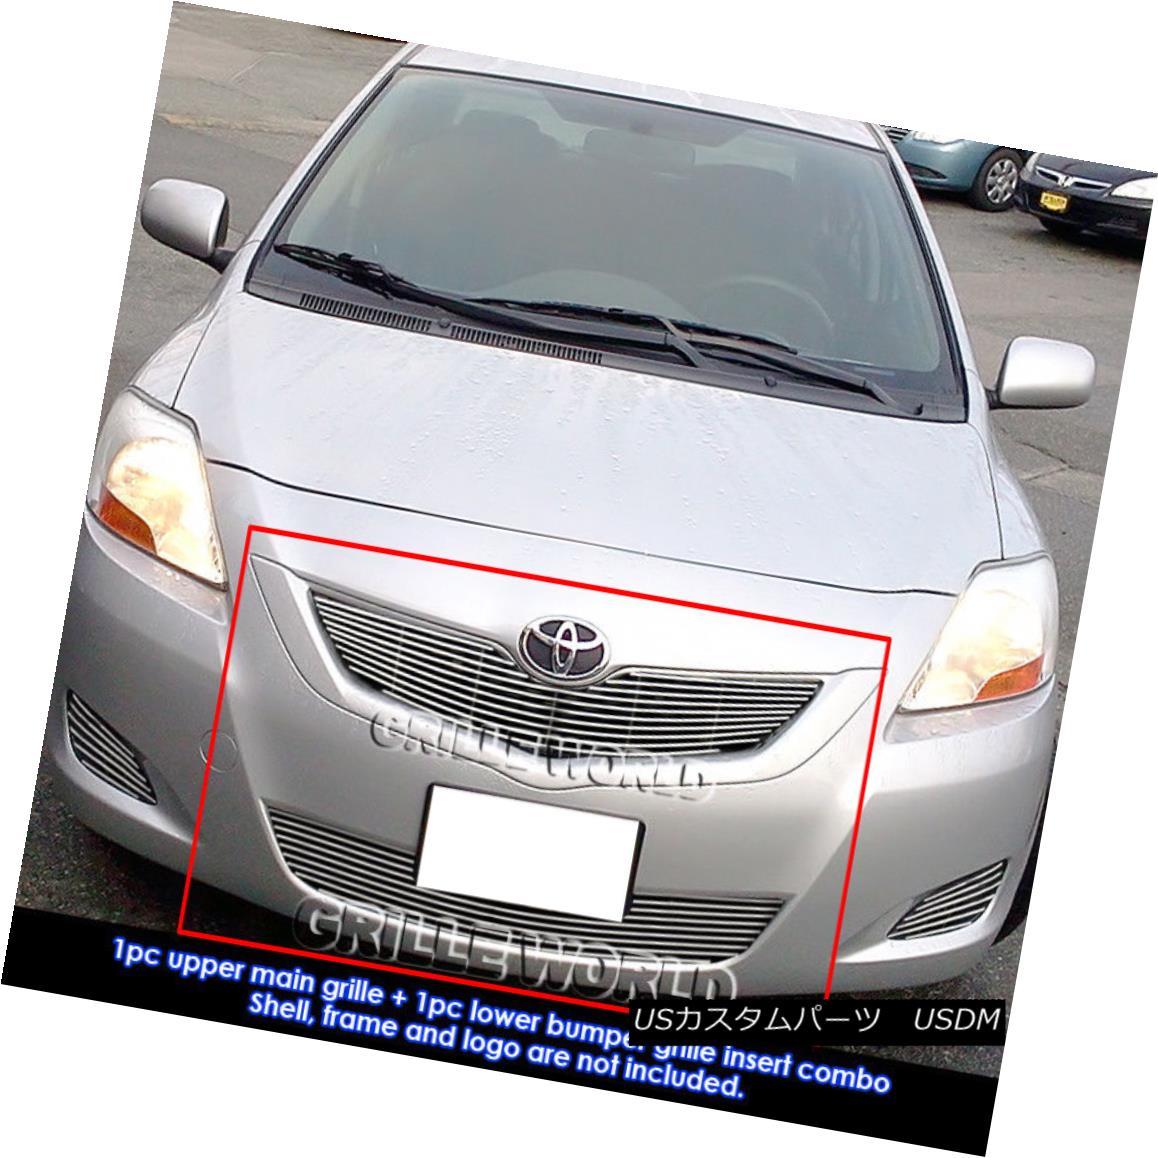 グリル Fits 2009-2011 Toyota Yaris Sedan Billet Grille Grill Insert Combo フィット2009年から2011年トヨタヤリスセダンビレットグリルグリルインサートコンボ